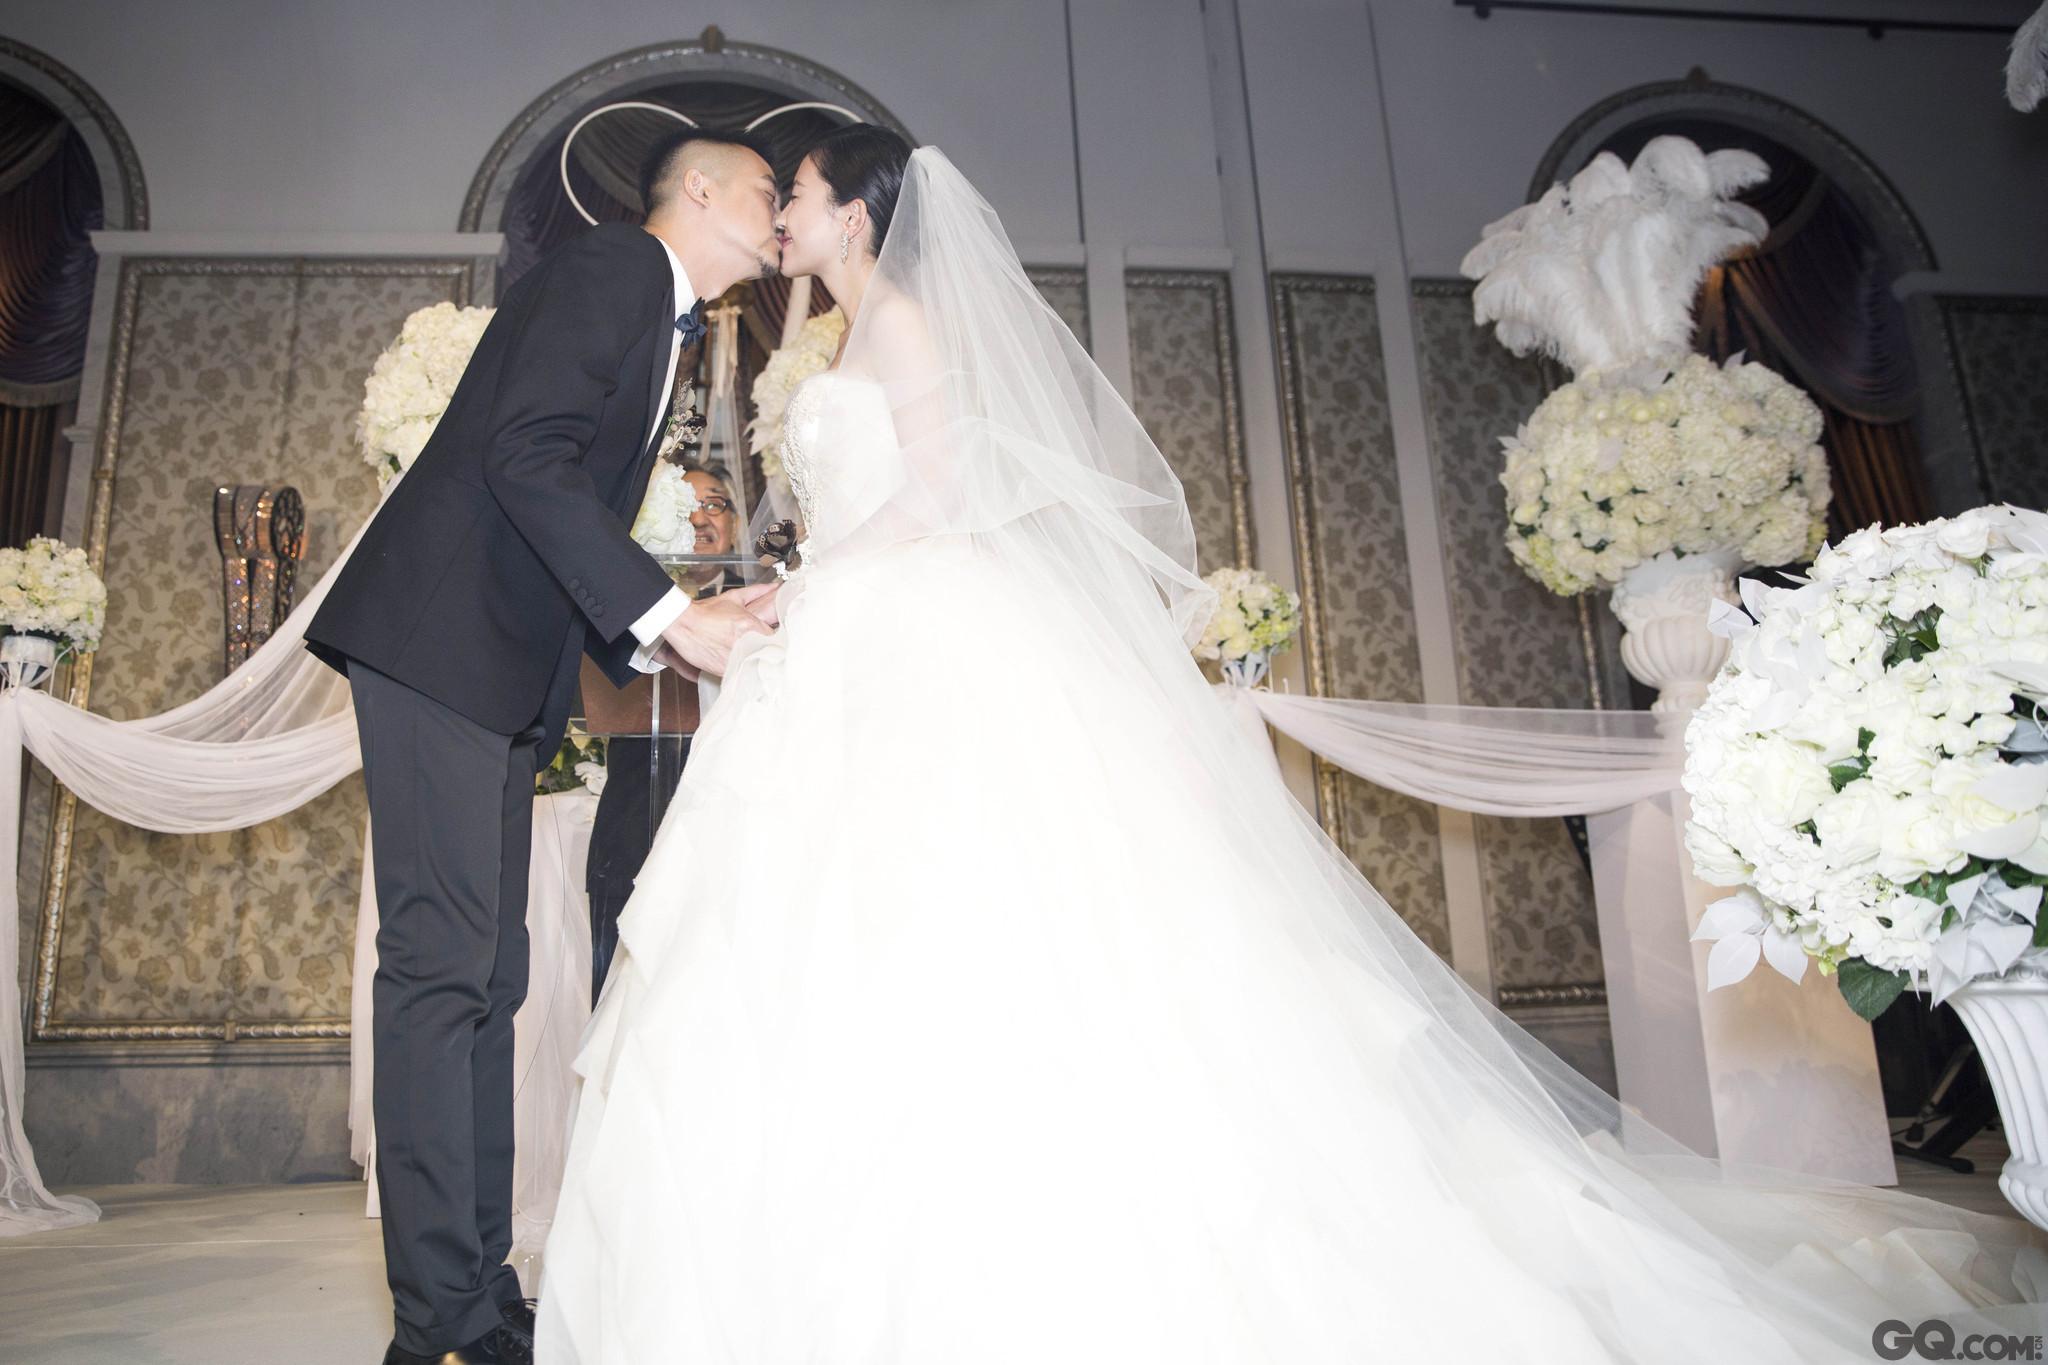 """杨子姗与吴中天相恋多年,于2015年领证,杨子姗曾深夜在微博上晒出两人结婚证及婚戒,简单一句""""嫁了,他叫吴中天。""""被赞很酷。近两年后,两人终于举办婚礼,被问为何选在6月10日,吴中天表示:""""我们领证后一直有想办婚礼,期间两人一直都有工作在忙,选在今年6月10号其实没有什么特别的含义,只因为它是黄道吉日,我们想在这天办,所以就定在了这天。""""这耿直的回答颇与当初新娘公布结婚证的方式有异曲同工,简单而率性。"""